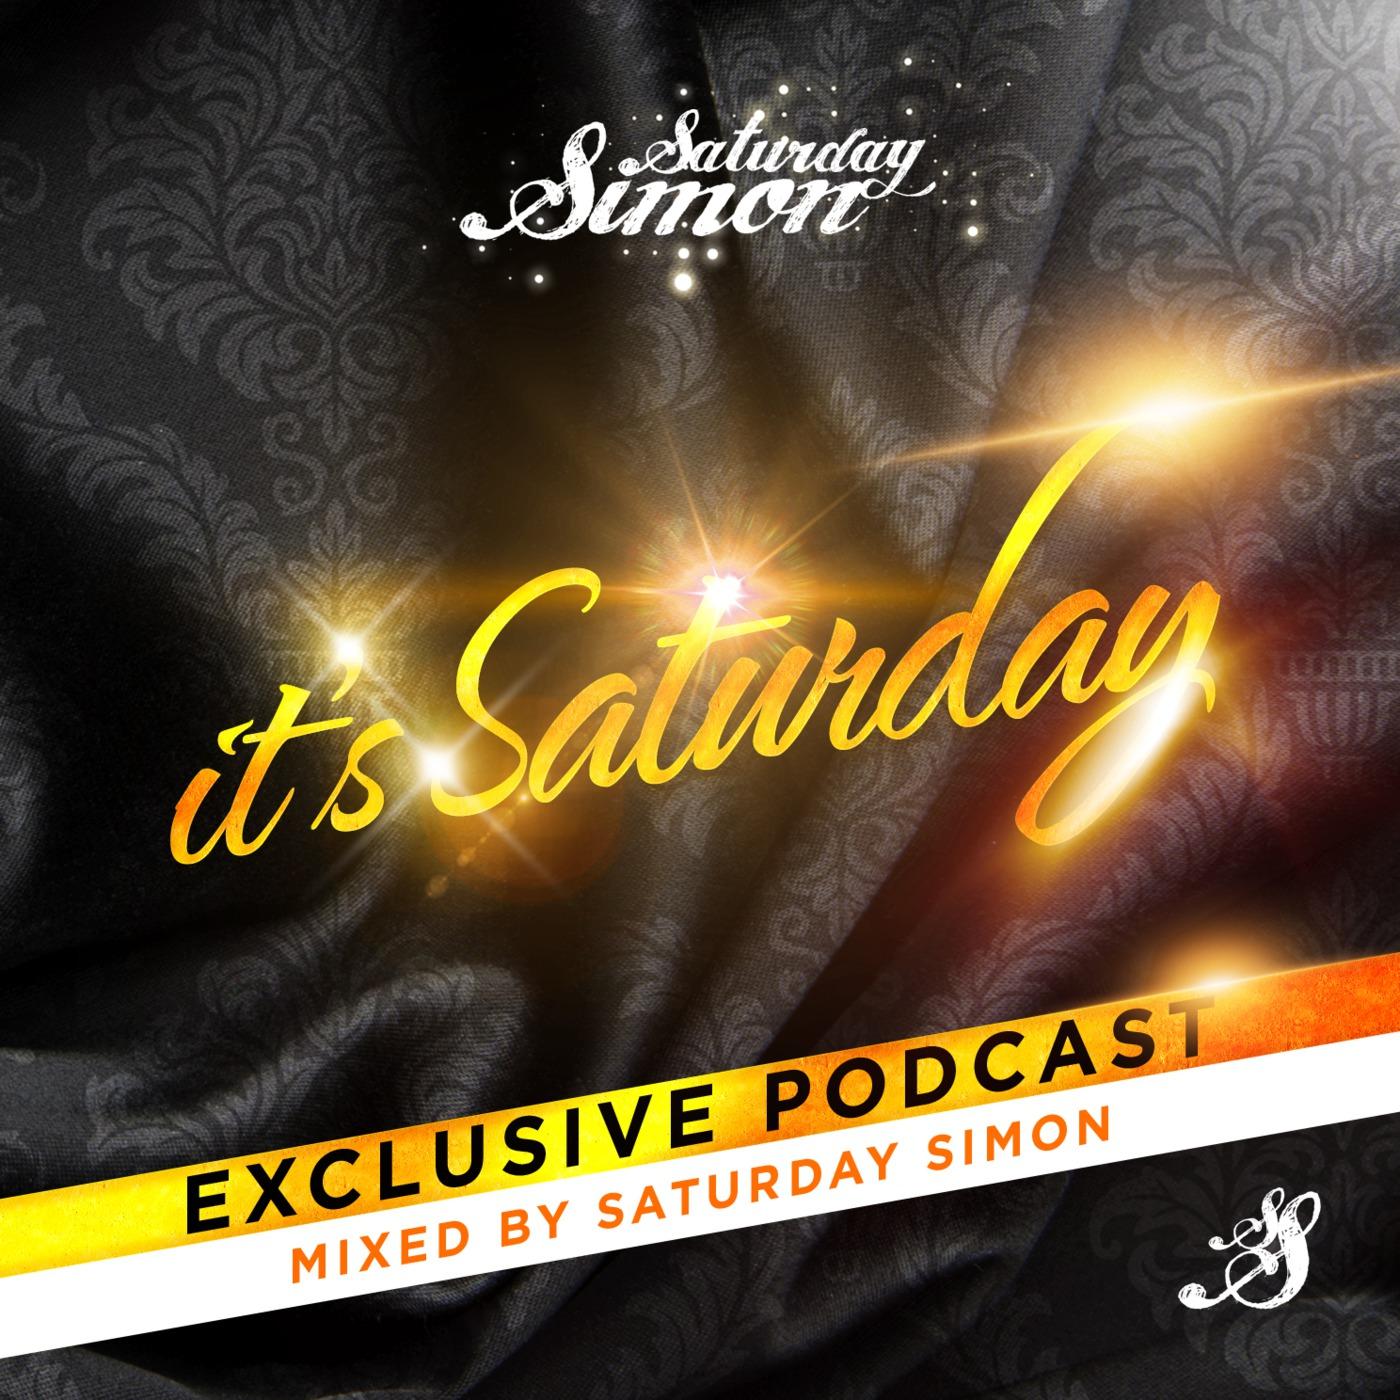 Saturday Simon's podcast: It's Saturday